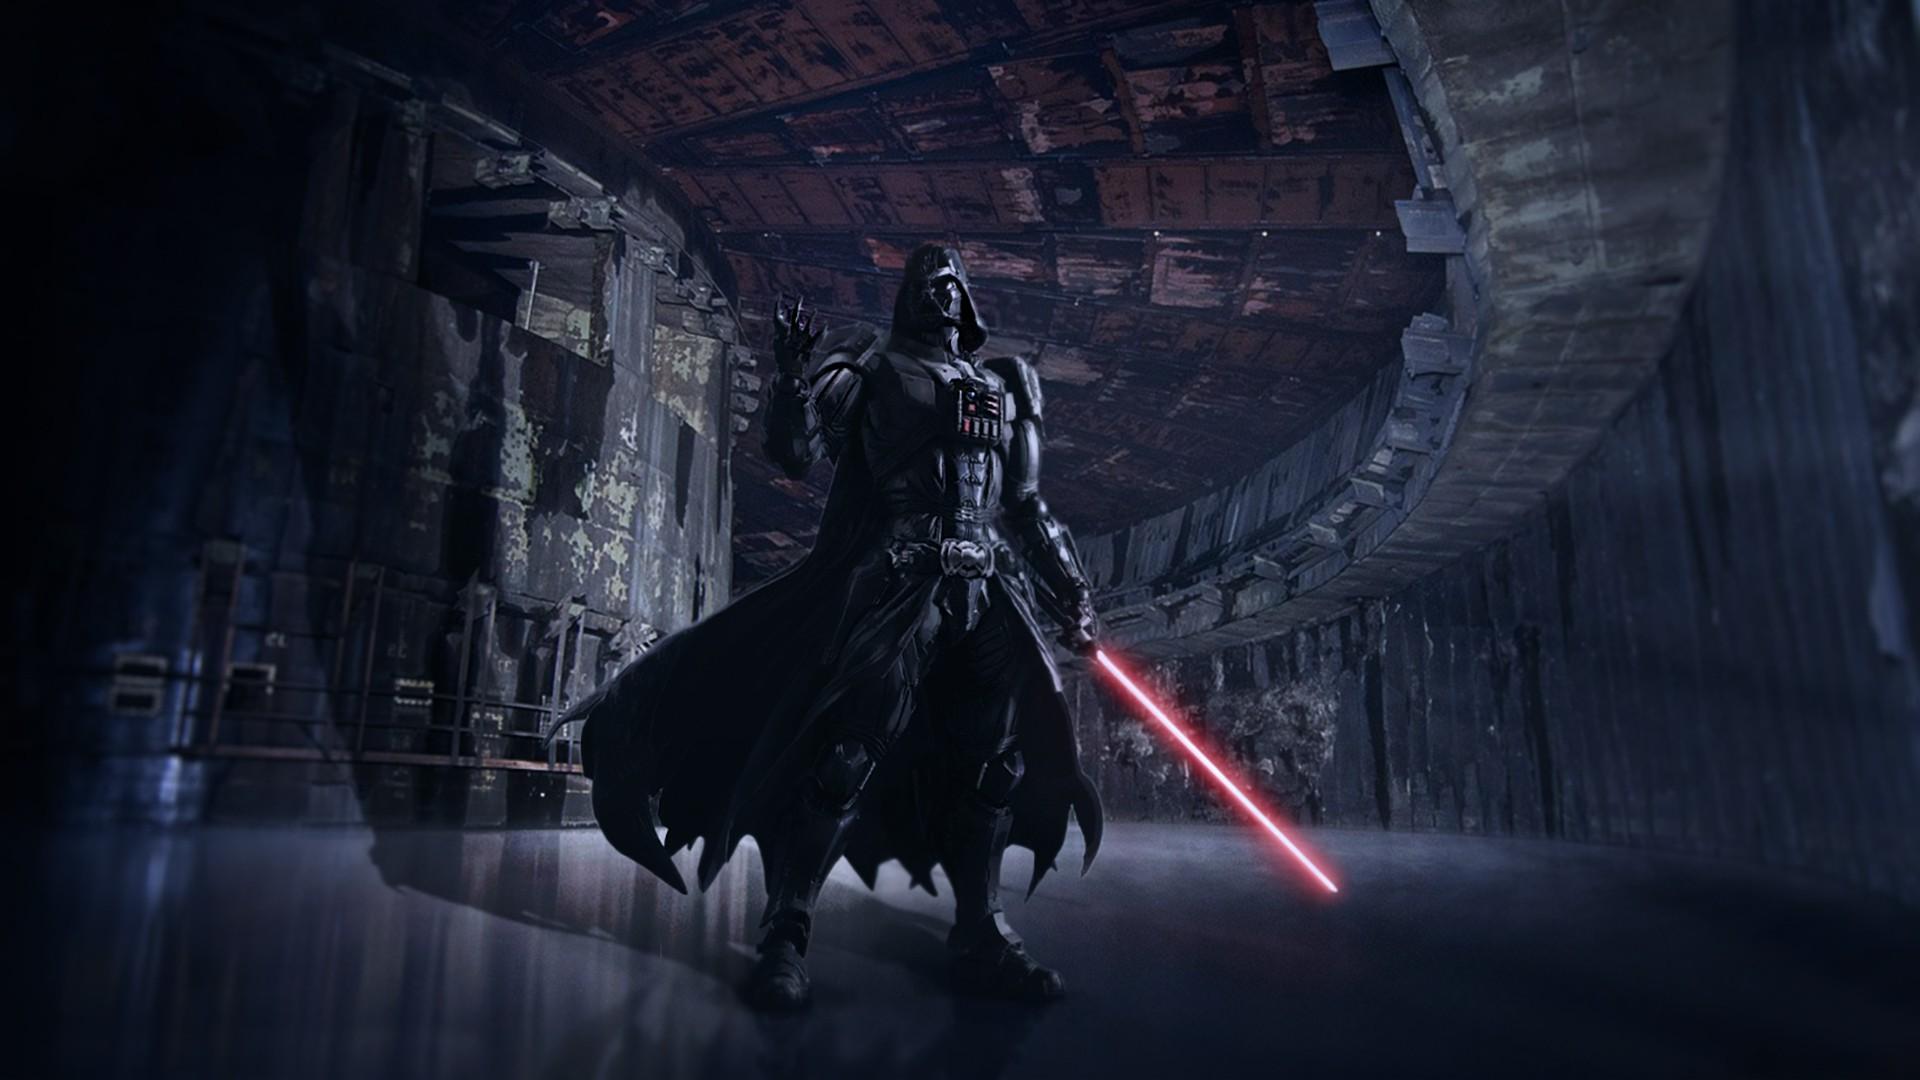 Darth Vader Star Wars Adobe Photoshop Wallpapers Star Wars Darth Vader 2181038 Hd Wallpaper Backgrounds Download